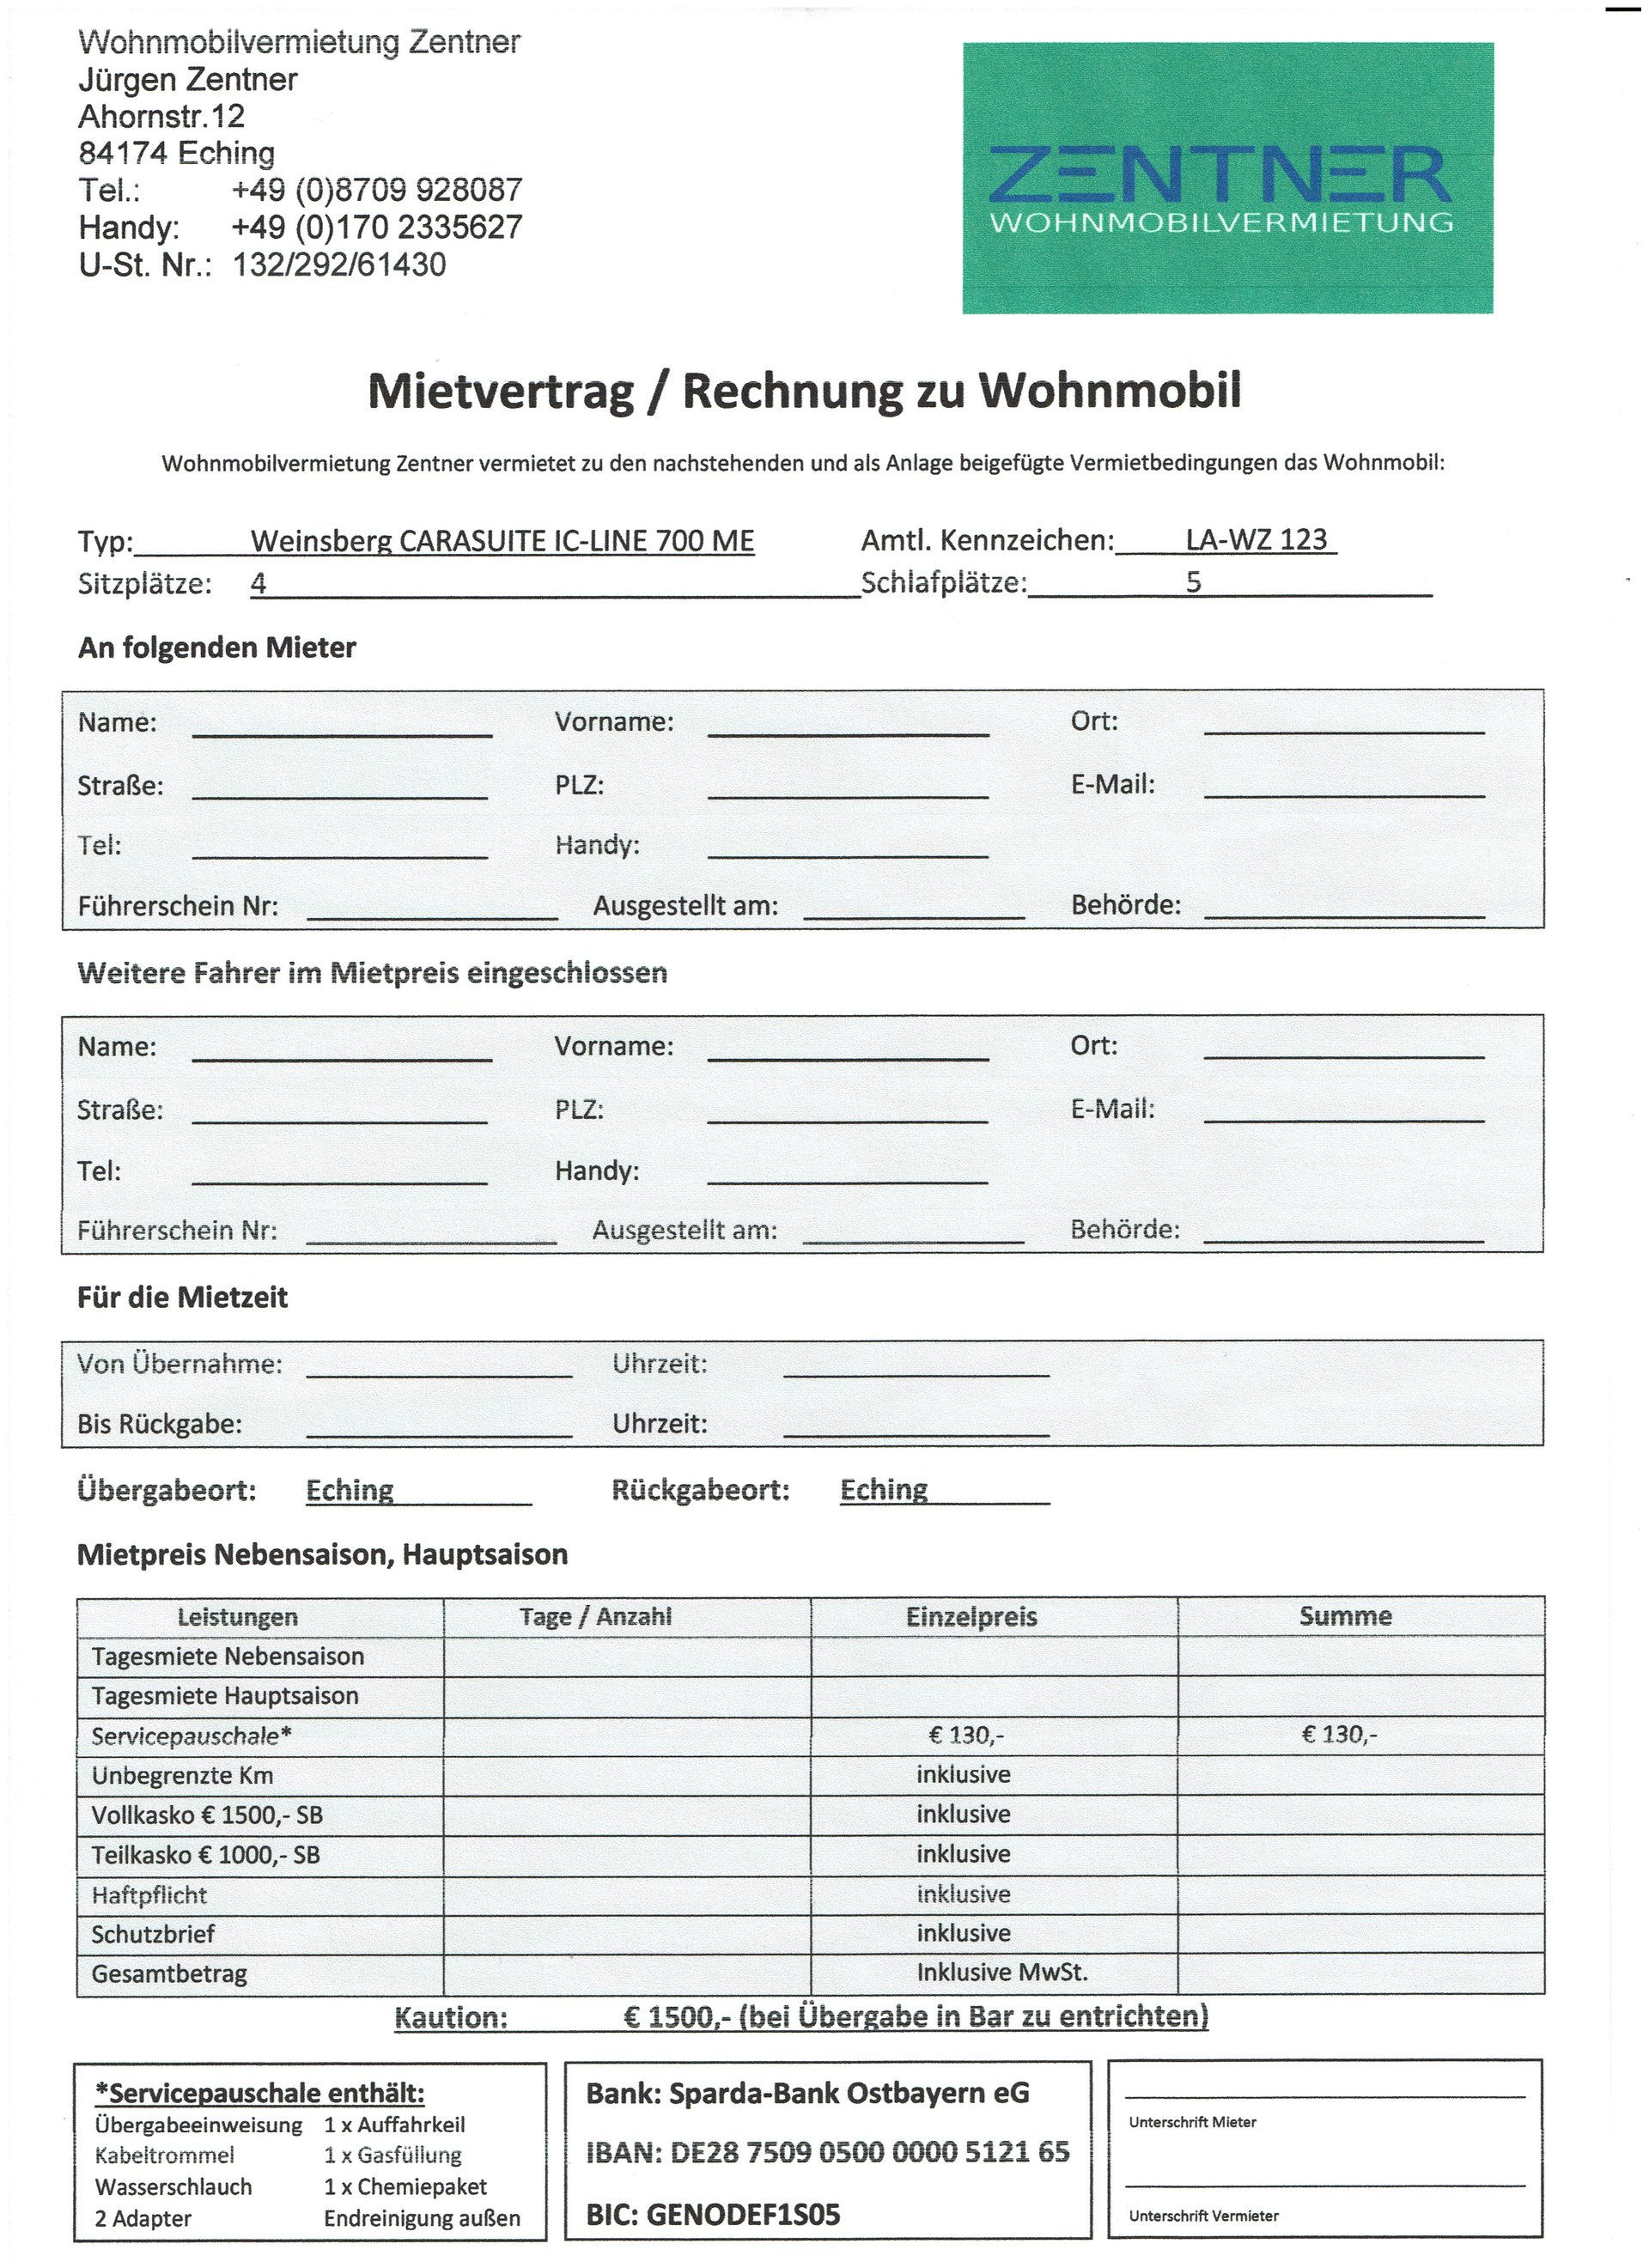 Meine Seite - Wohnmobil, Alle Kilometer frei, Urlaub, Weinsberg ...